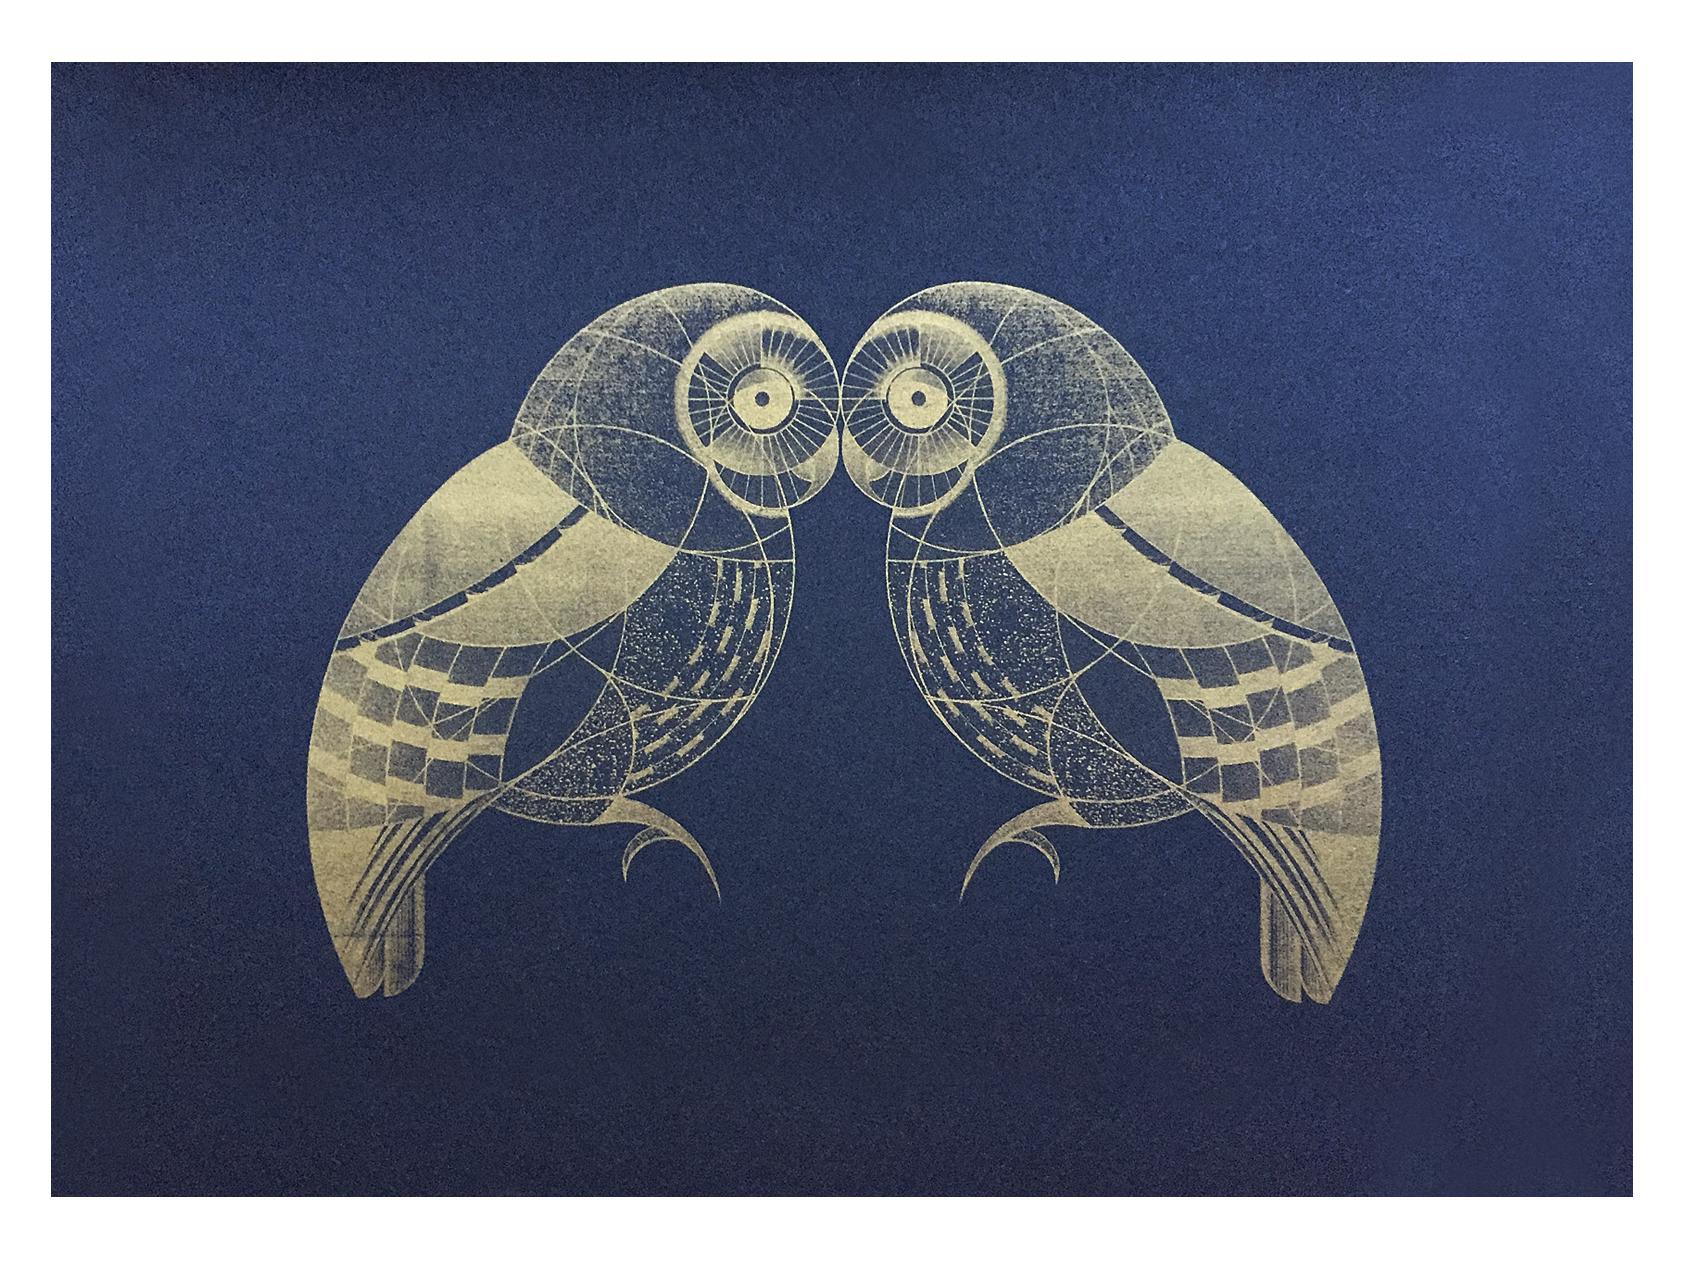 oa's owls (gold)